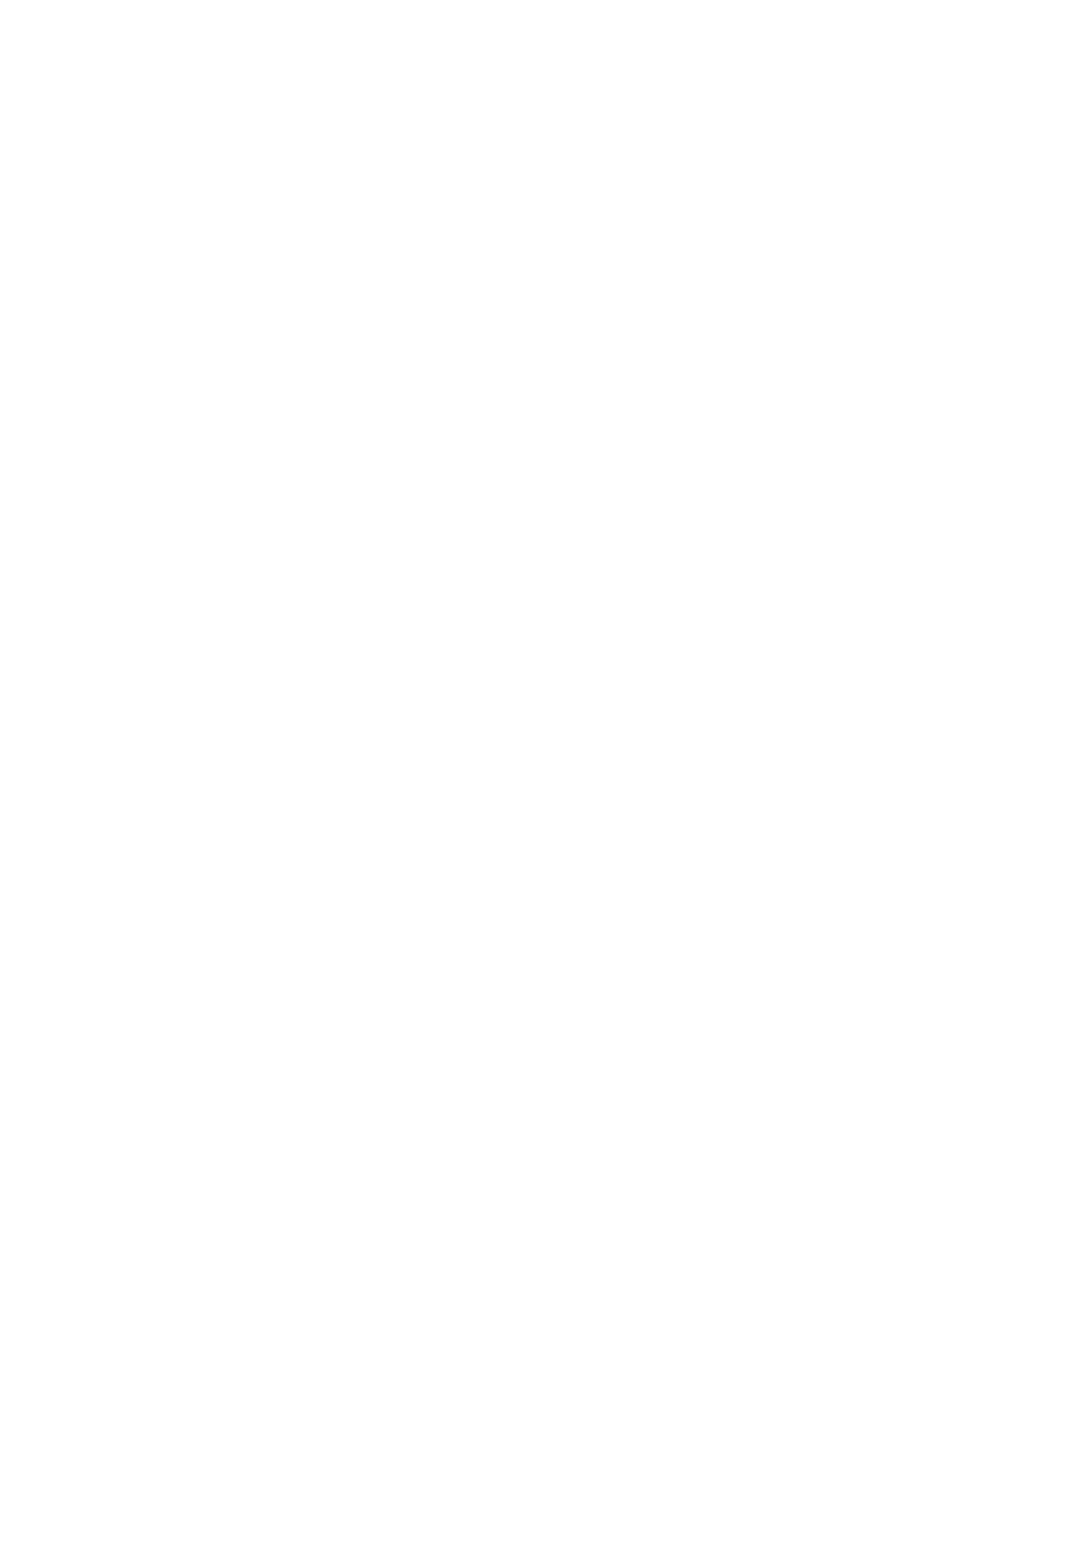 【エロ同人誌】(C96)男達に狙われ不意打ちを食らい拘束されてしまったジャンヌダルク…抵抗も虚しく服を脱がされ男達のチンポに犯される!【ミグミグ荘 (どっこいみぐみぐ):ジャンヌオルタの墜ちる様/Fate/Grand Order】